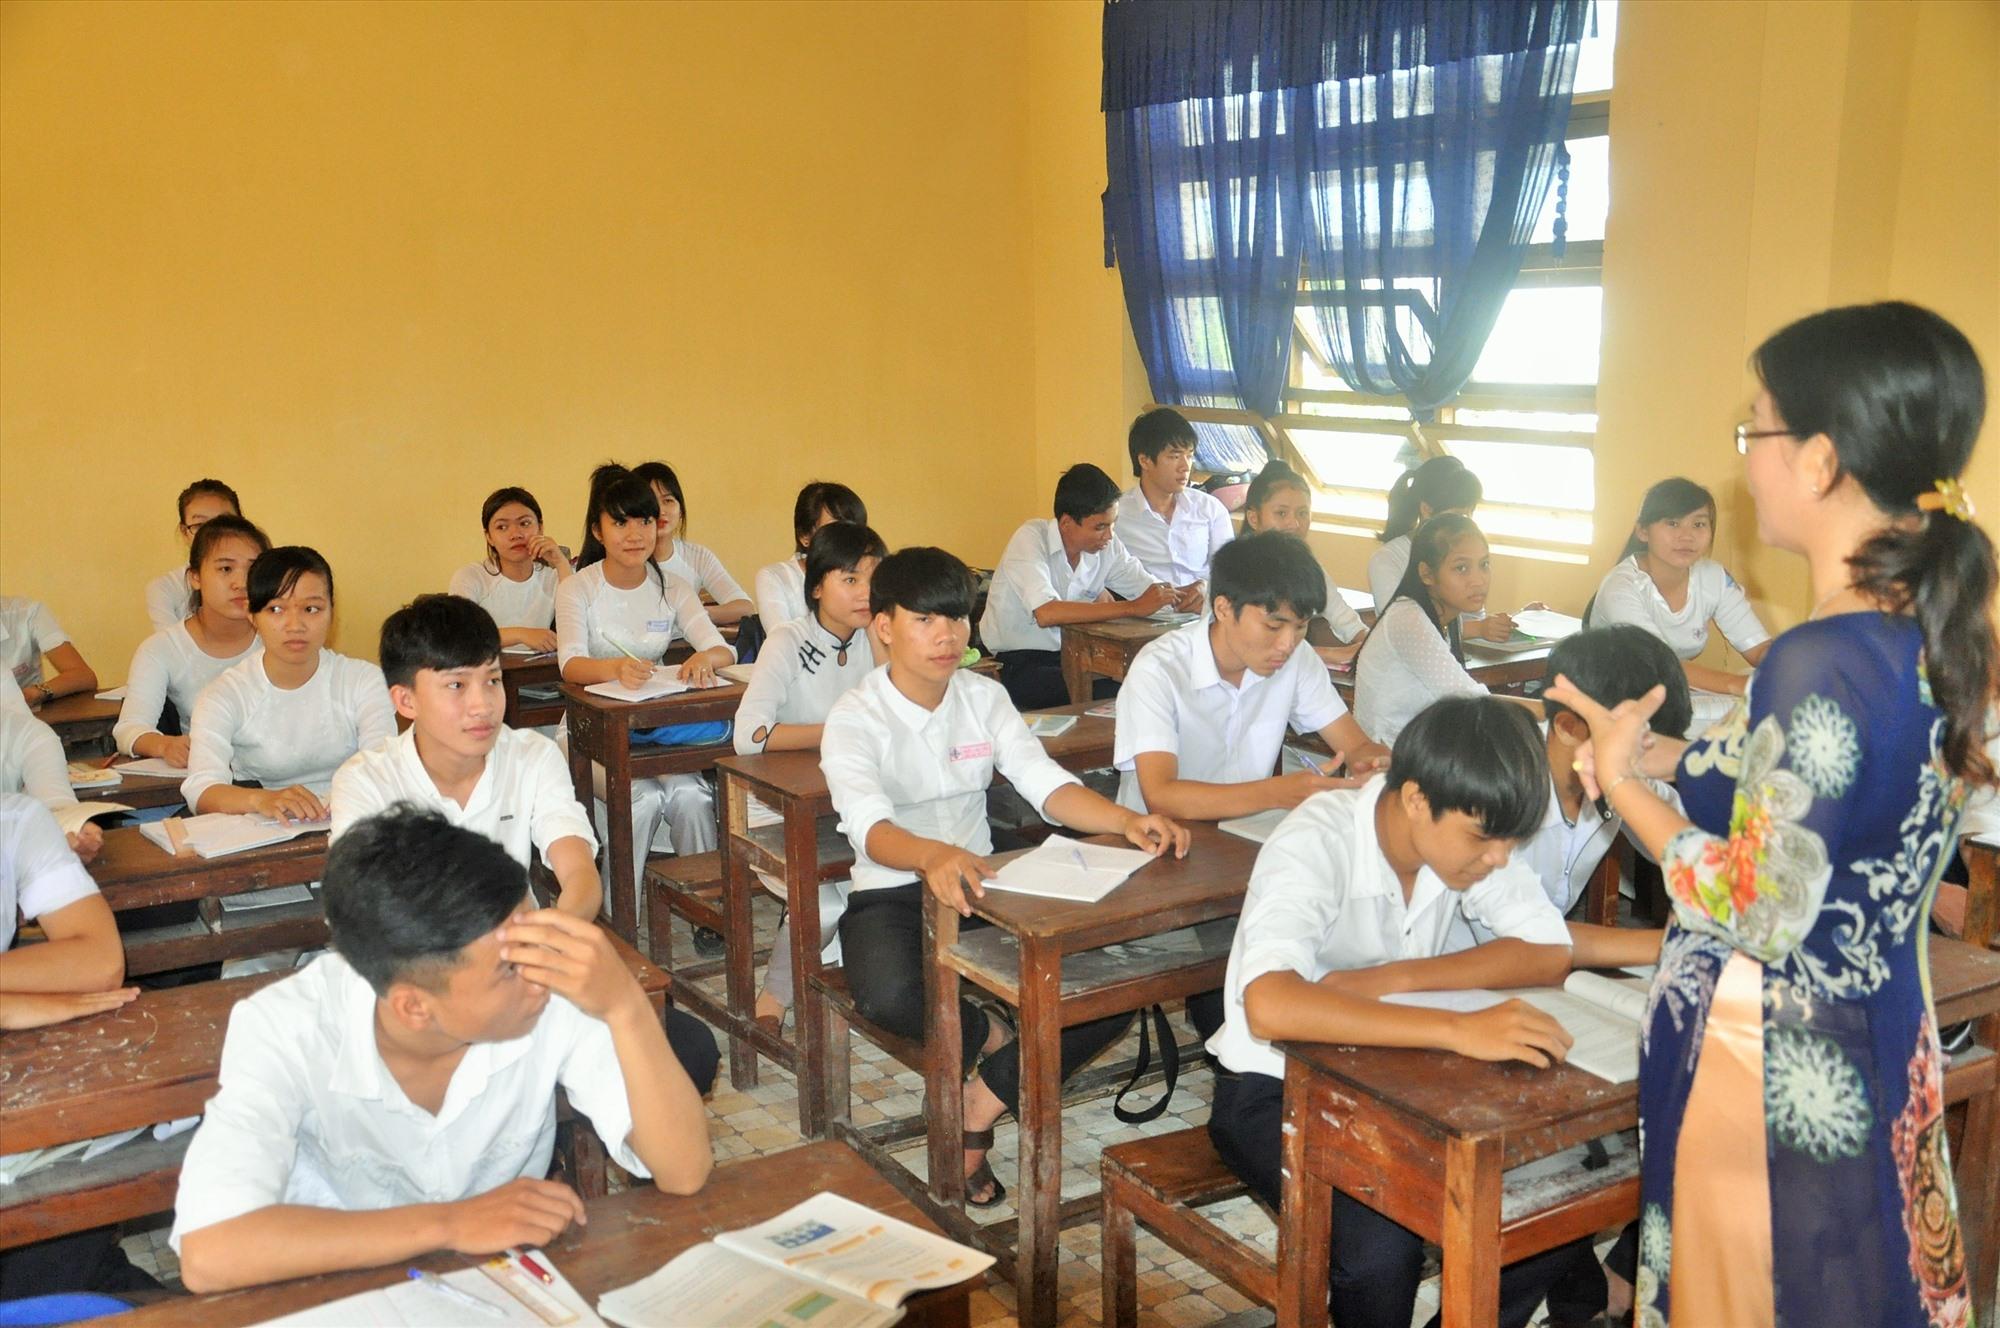 Theo phương án, học sinh sẽ được tỉnh hỗ trợ 100% học phí trong 4 tháng đầu năm học 2020-2021. Ảnh: X.P